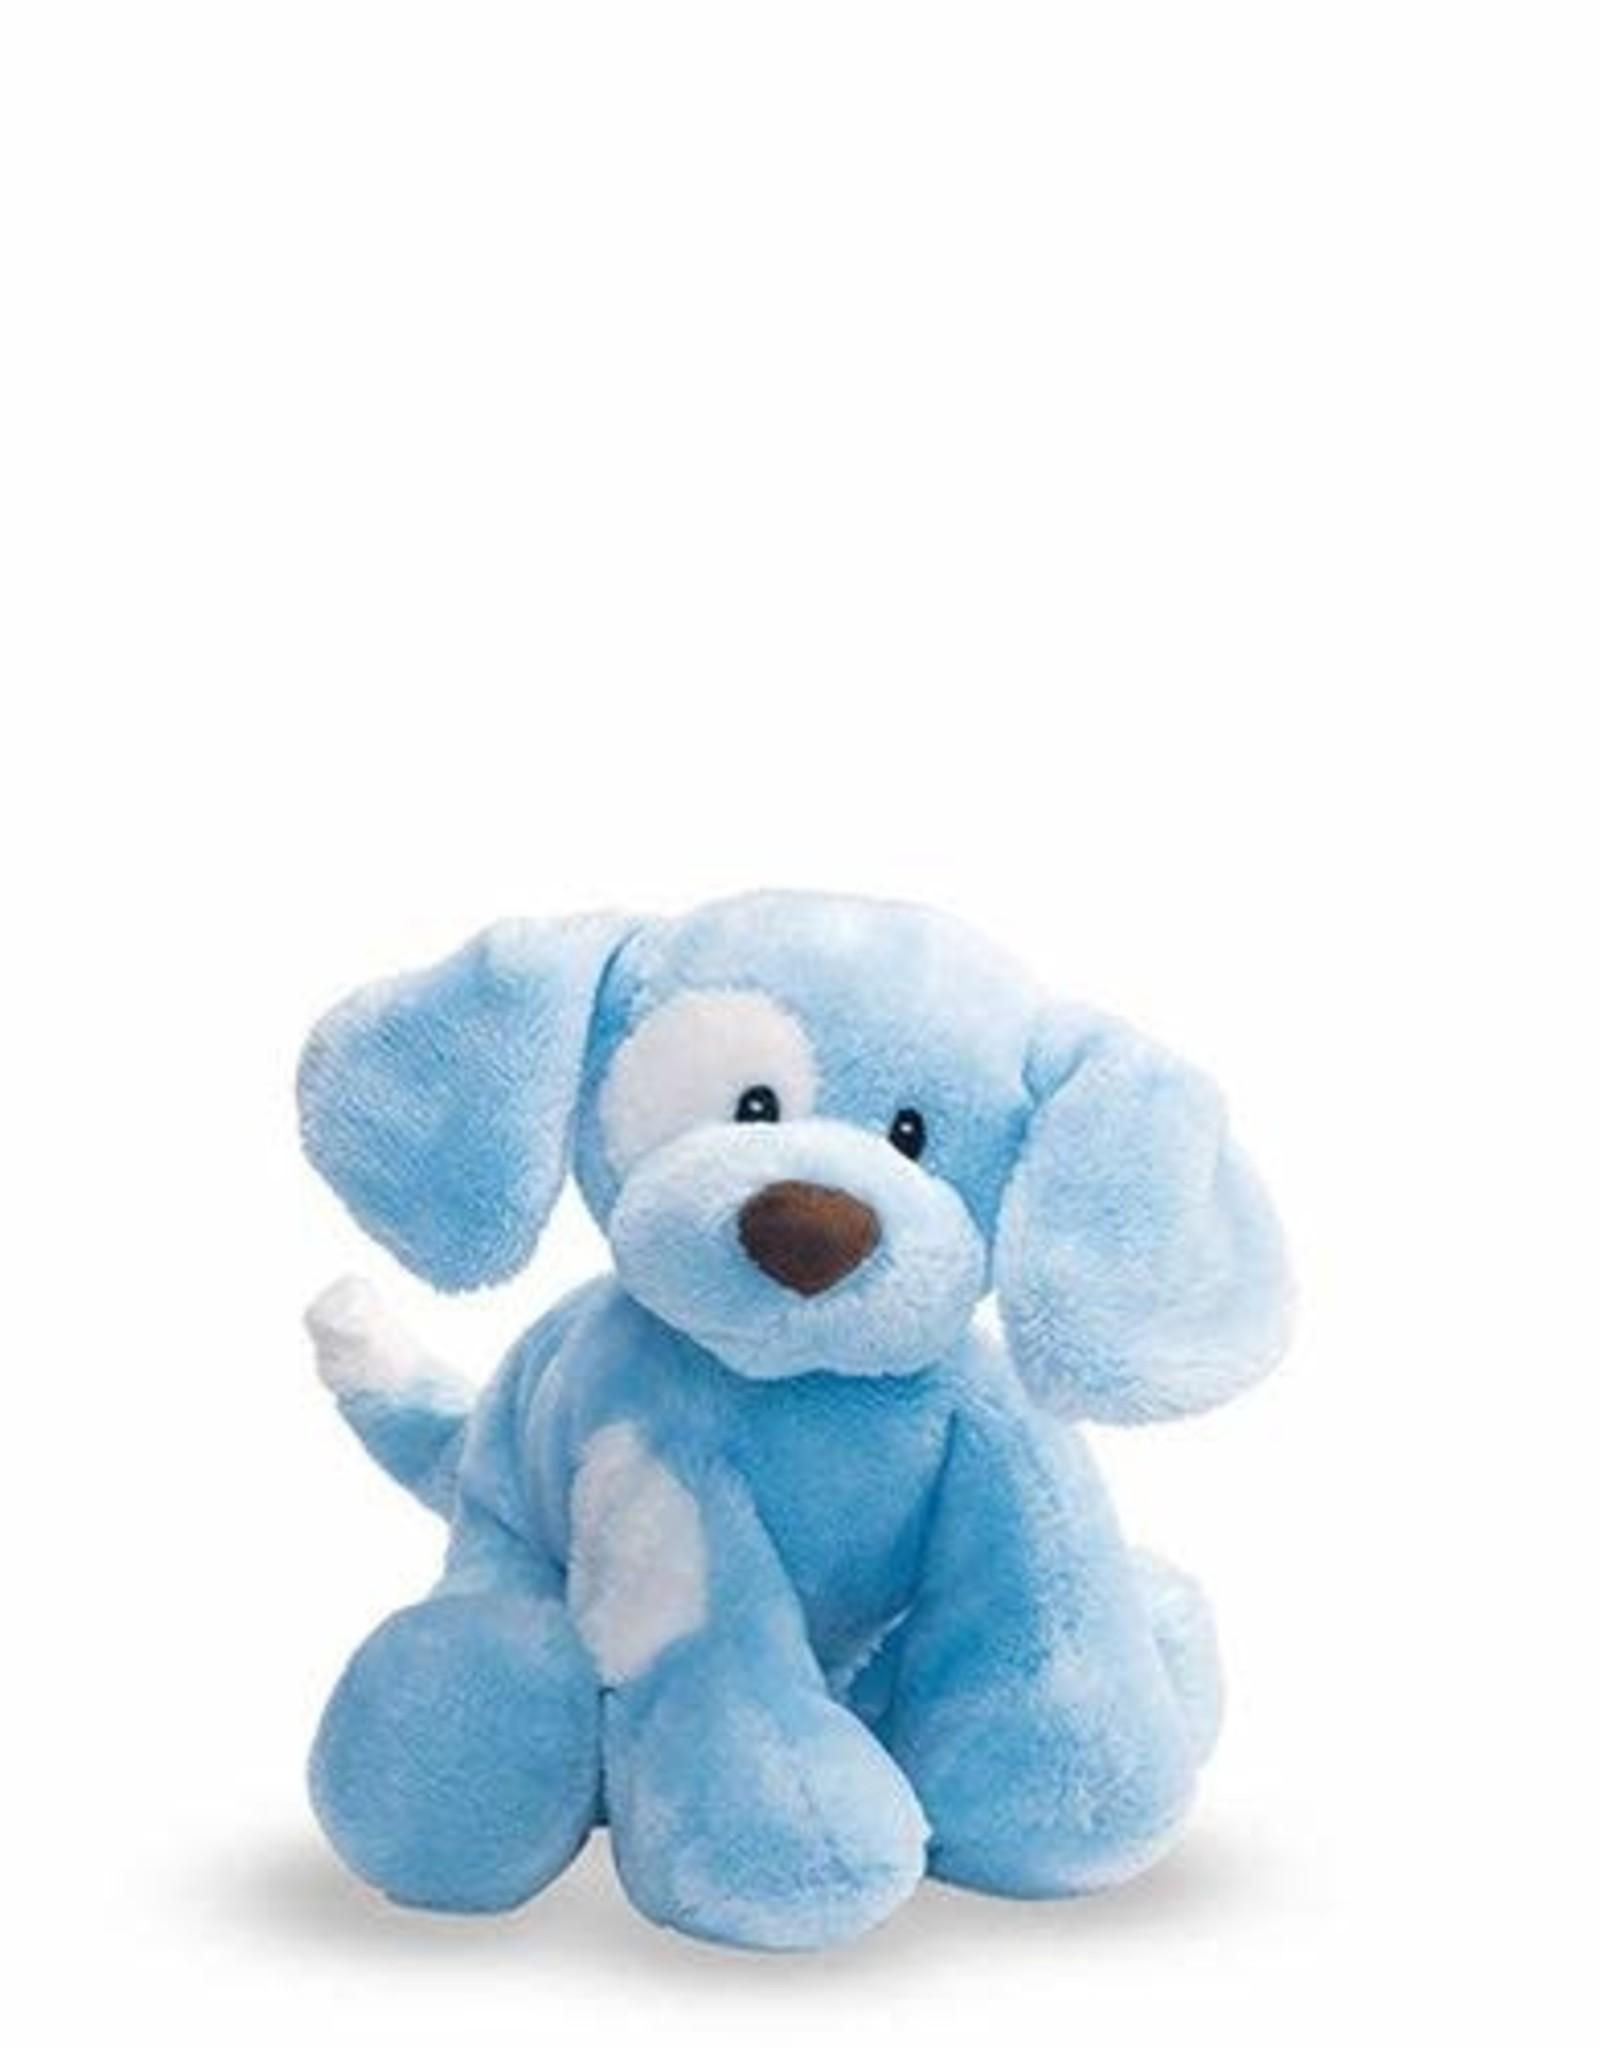 Gund Spunky Sound Toy Blue